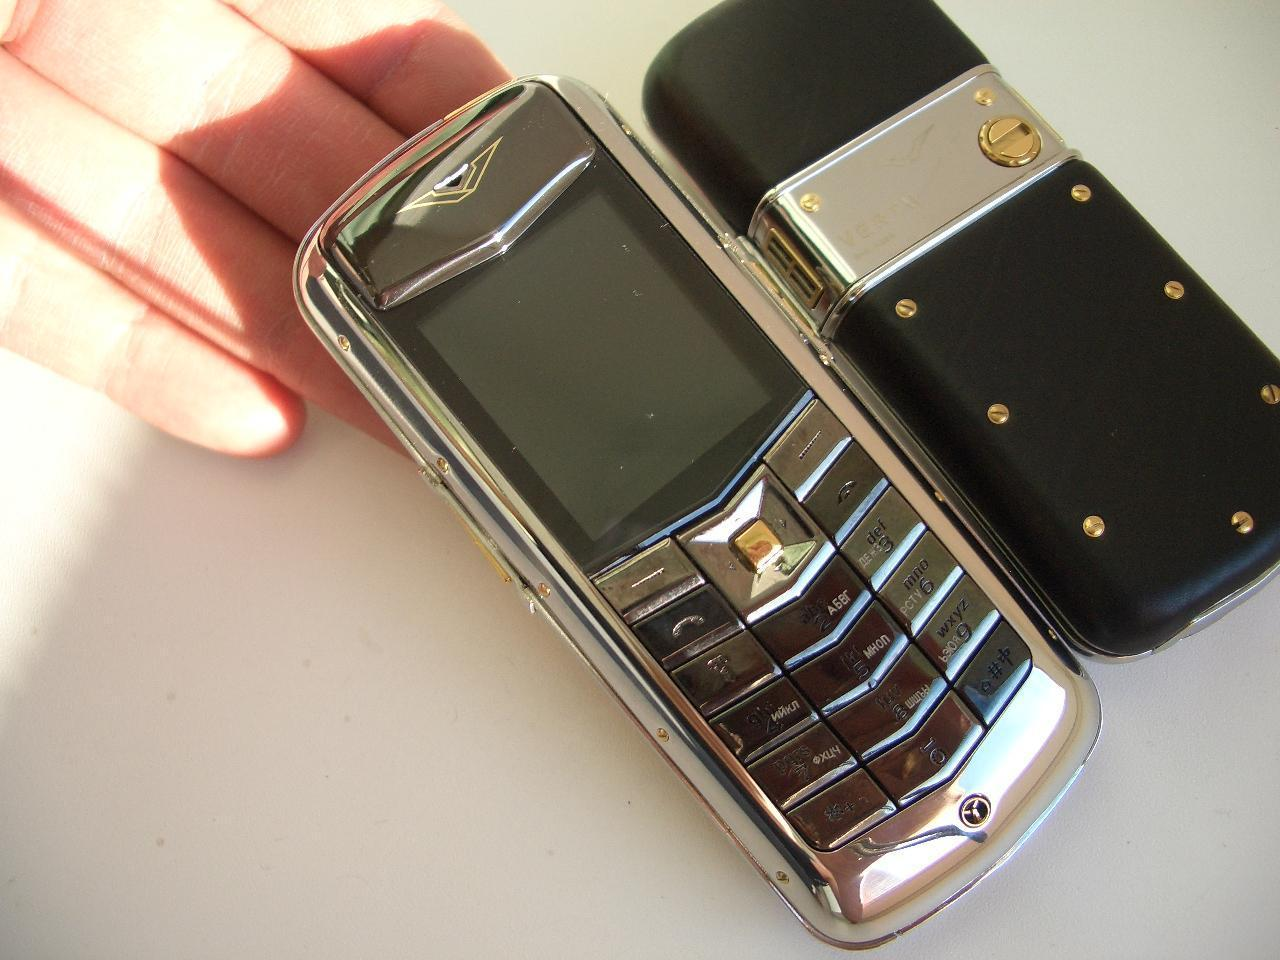 Можно ли купить телефон верту по не